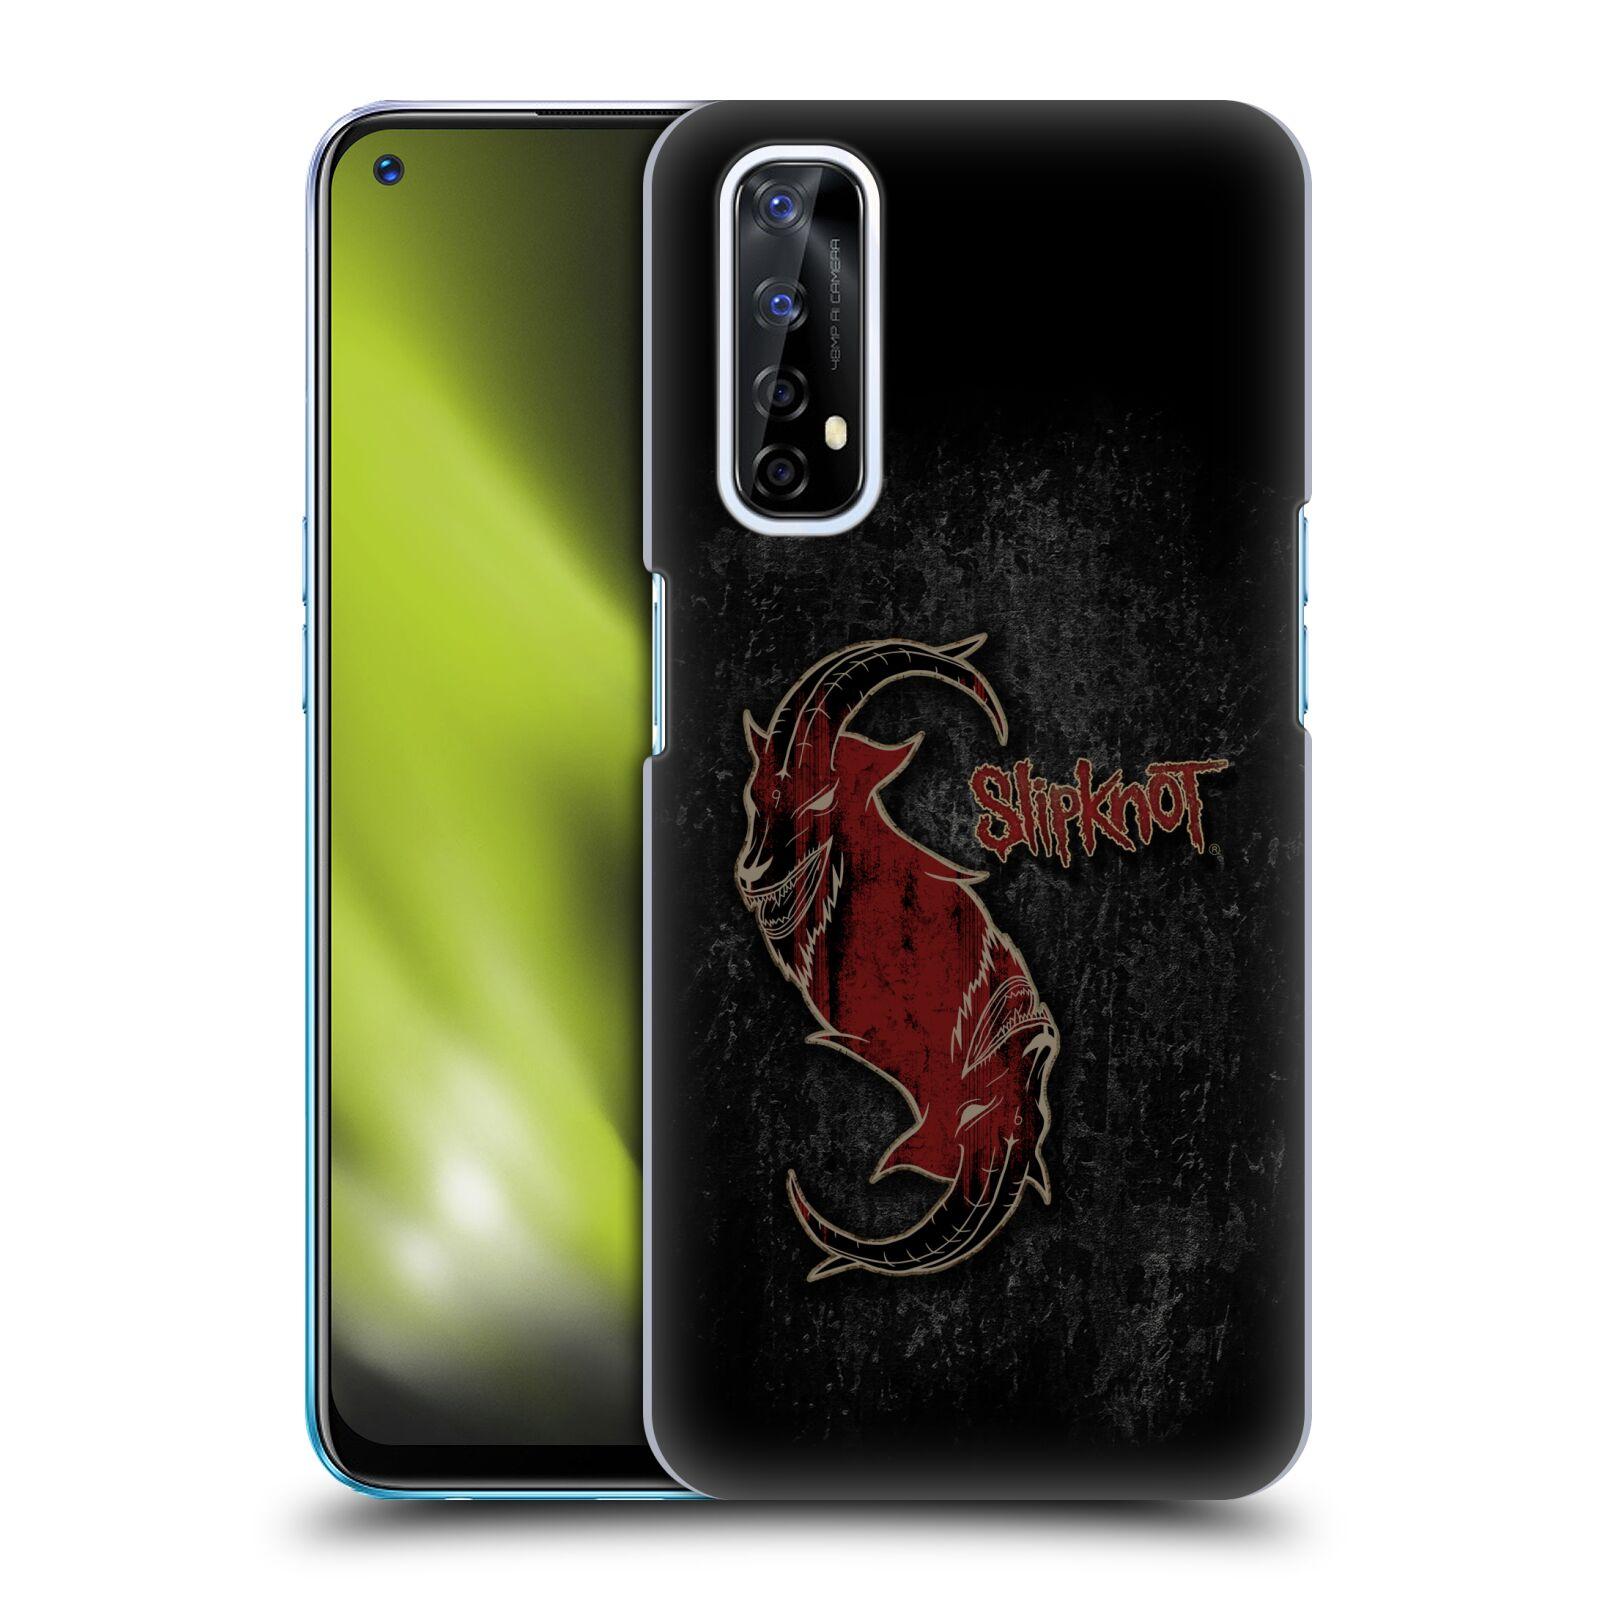 Plastové pouzdro na mobil Realme 7 - Head Case - Slipknot - Rudý kozel